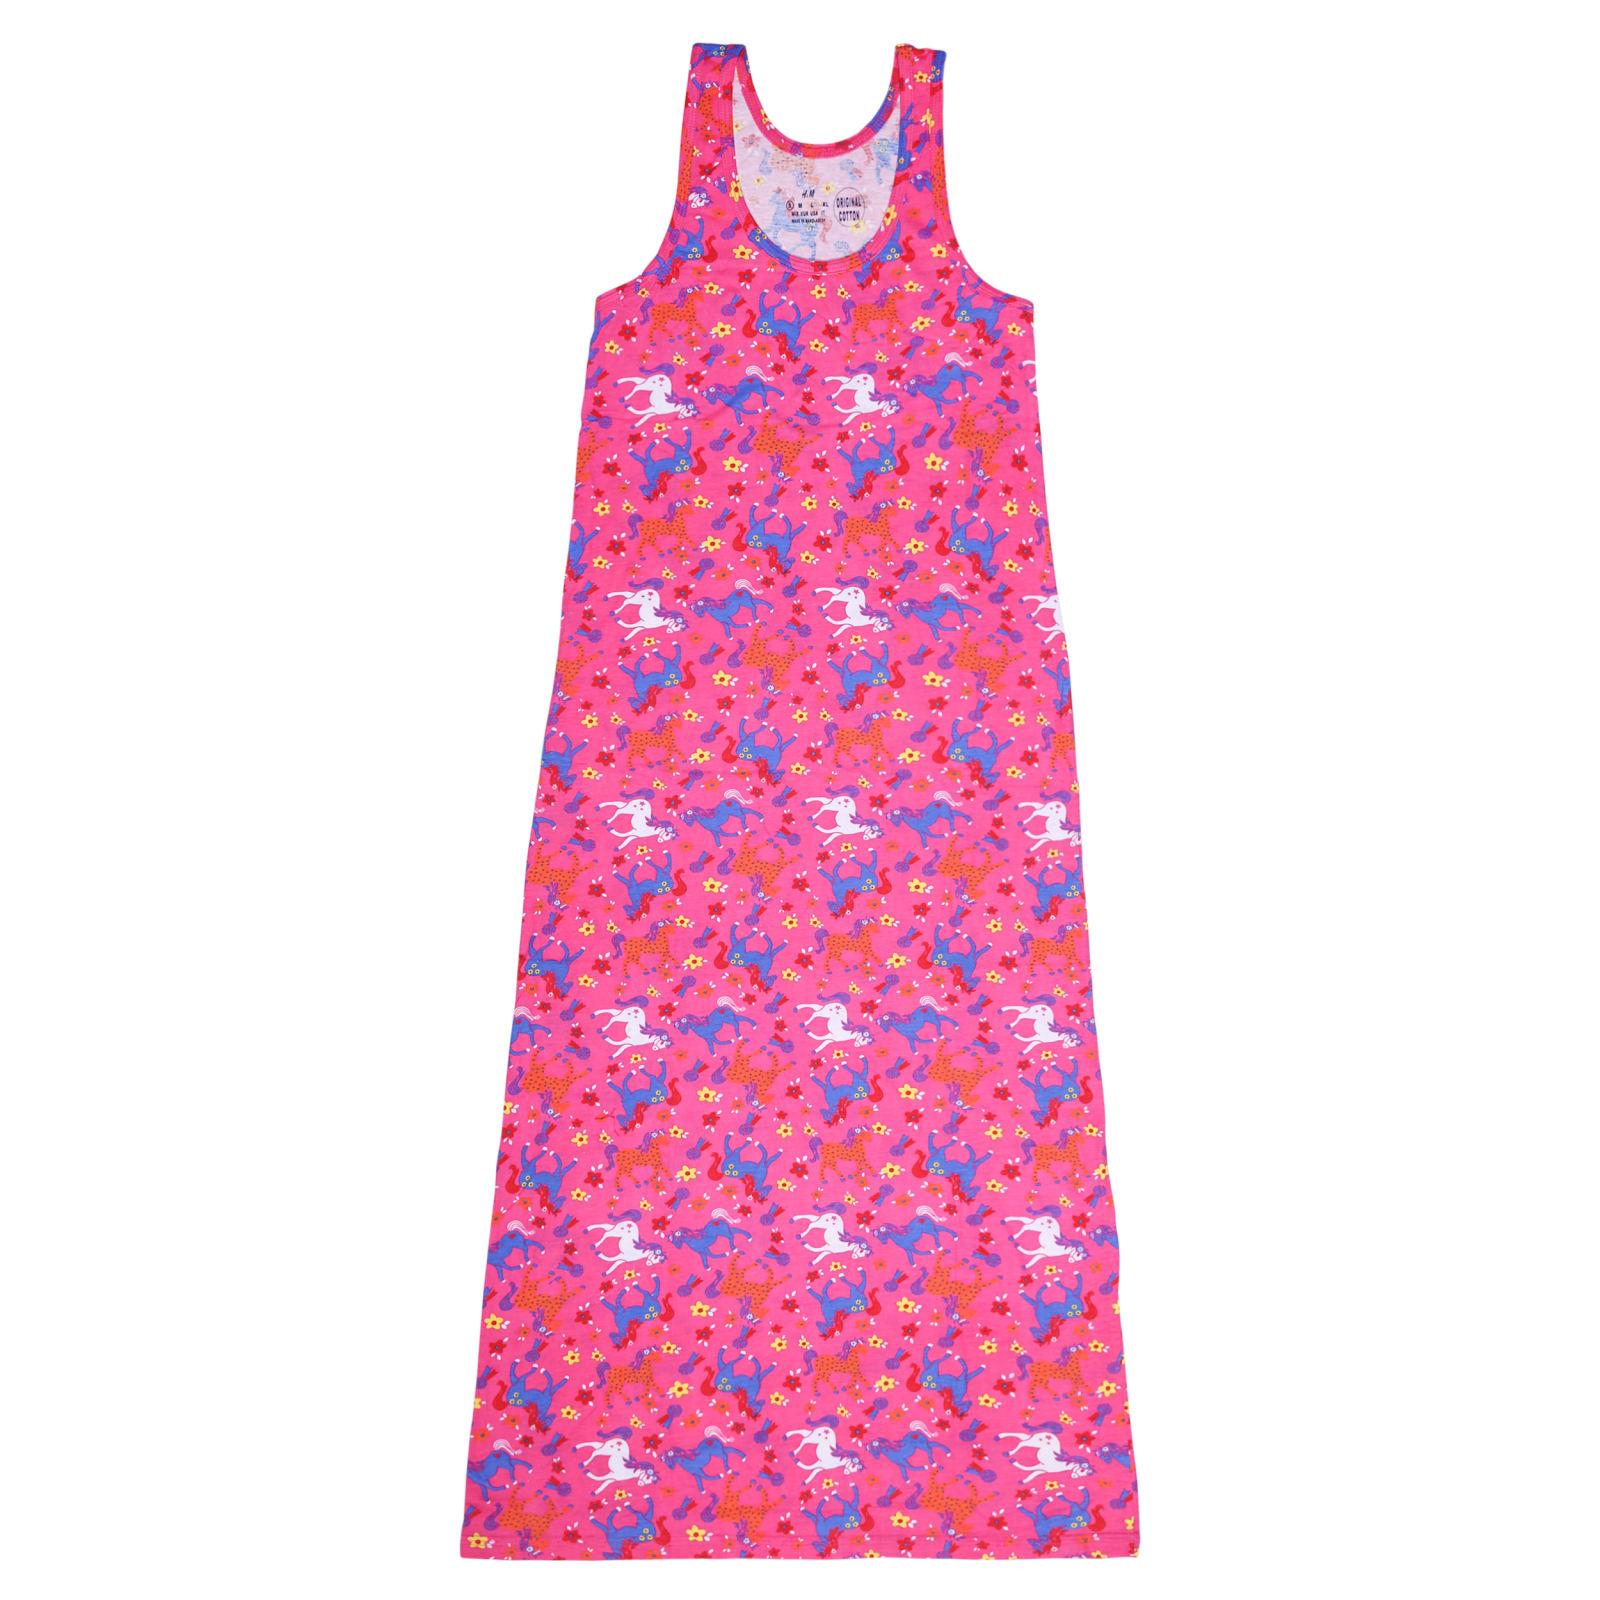 پیراهن زنانه اچ اند ام مدل LNG03RD -  - 2